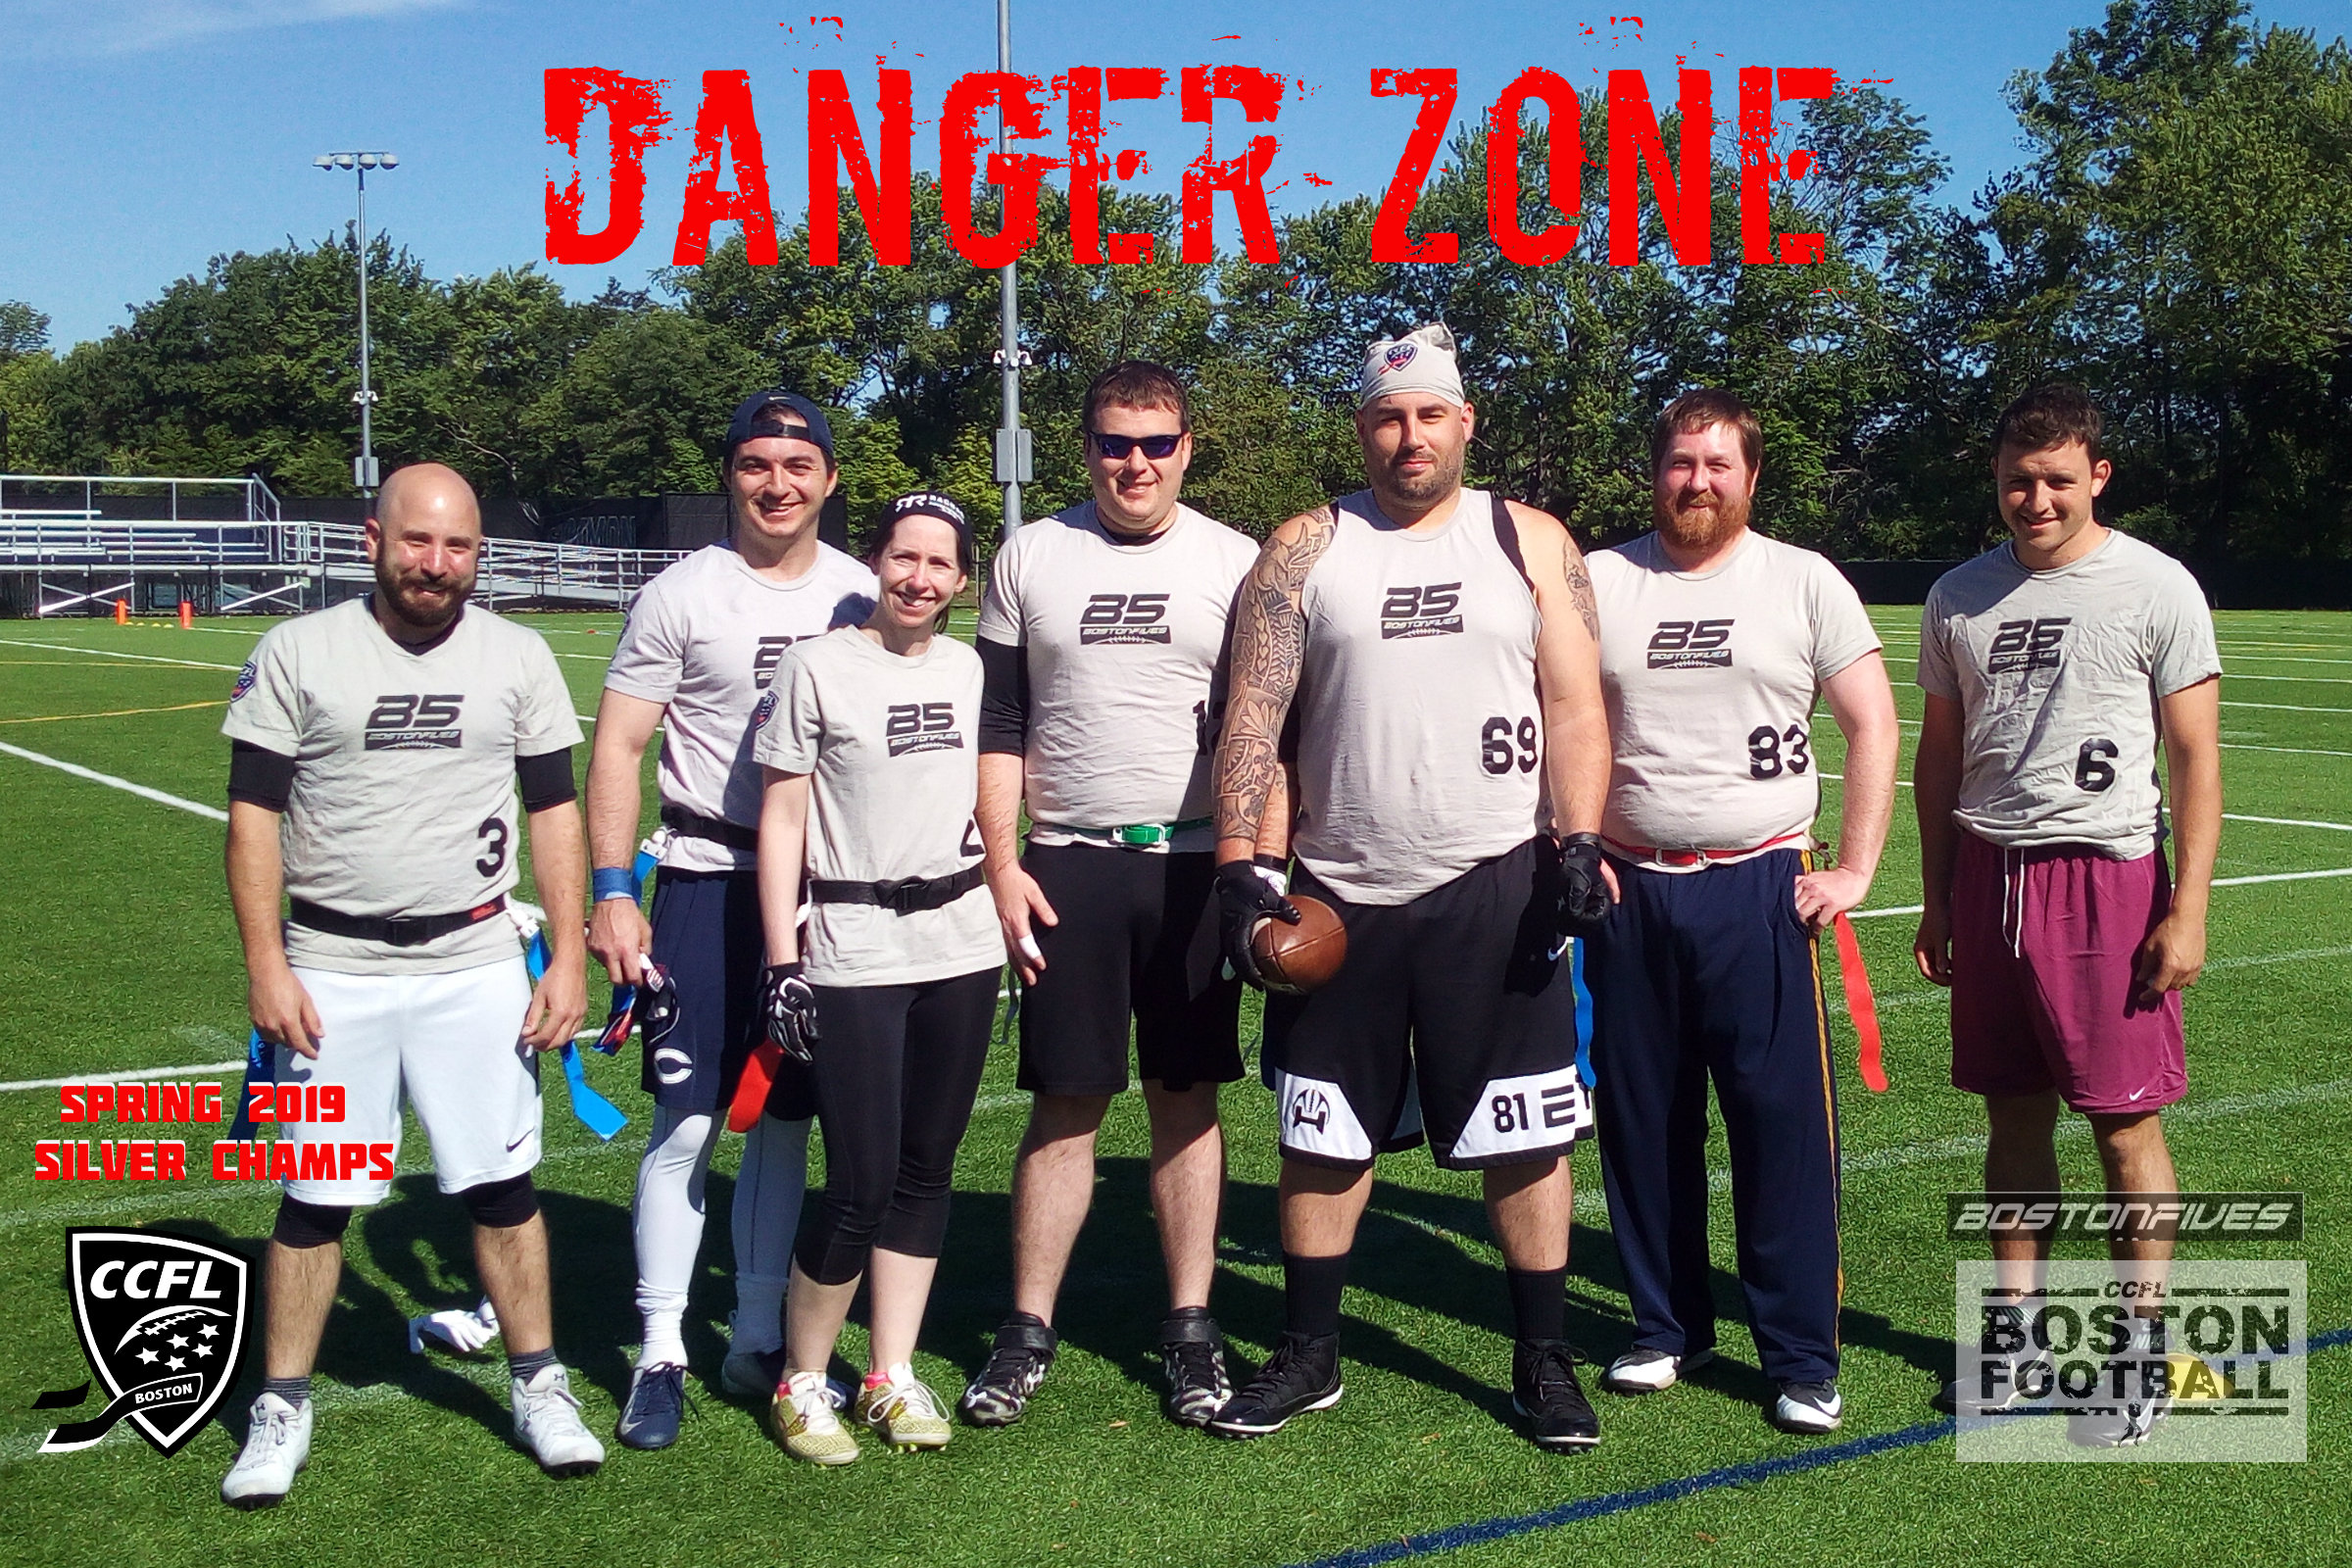 DangerZoneSpring2019